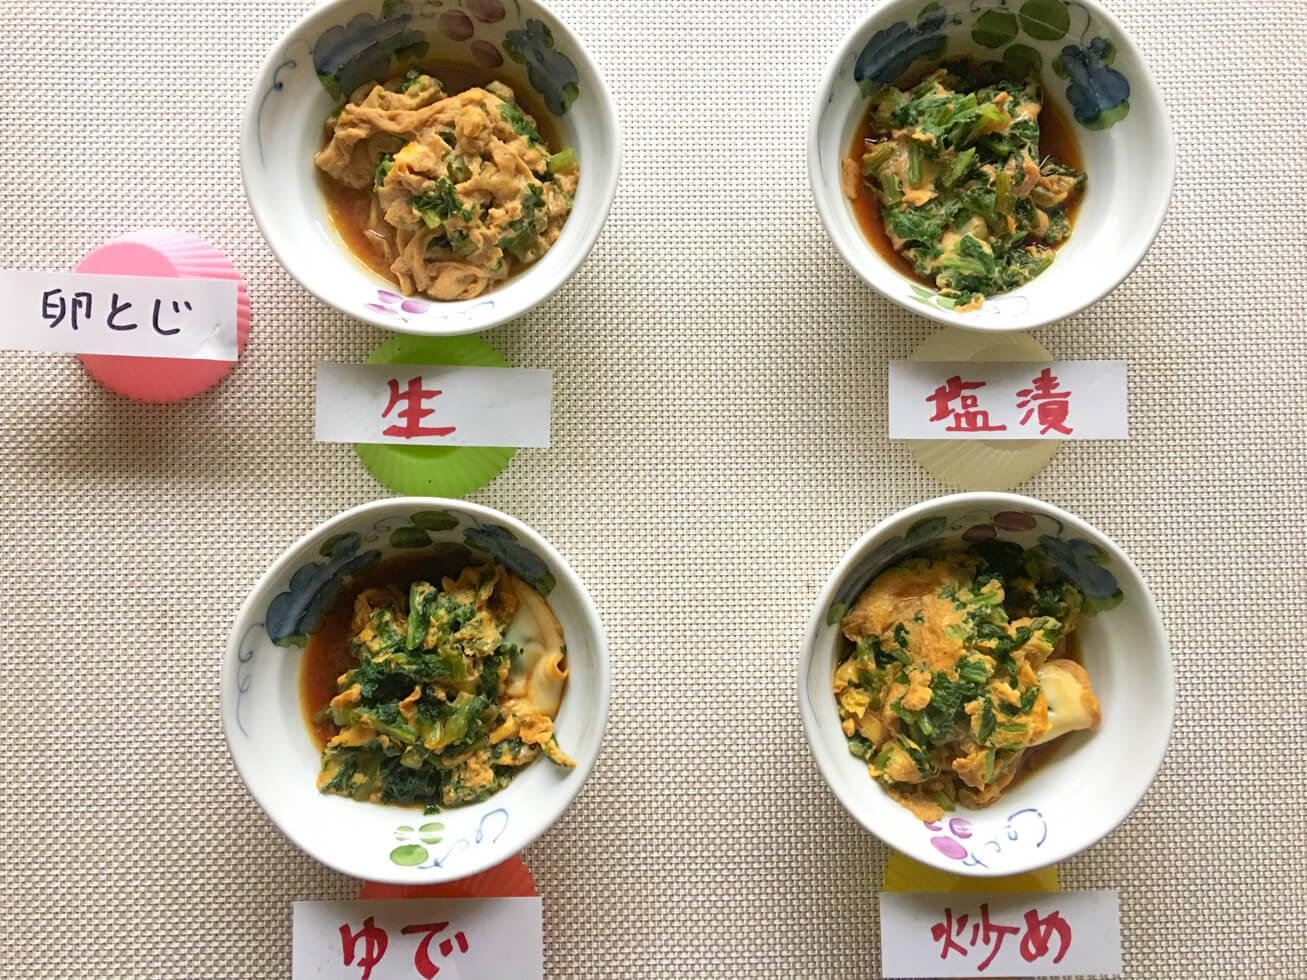 4種の冷凍法で大根葉の卵とじを作って並べた写真